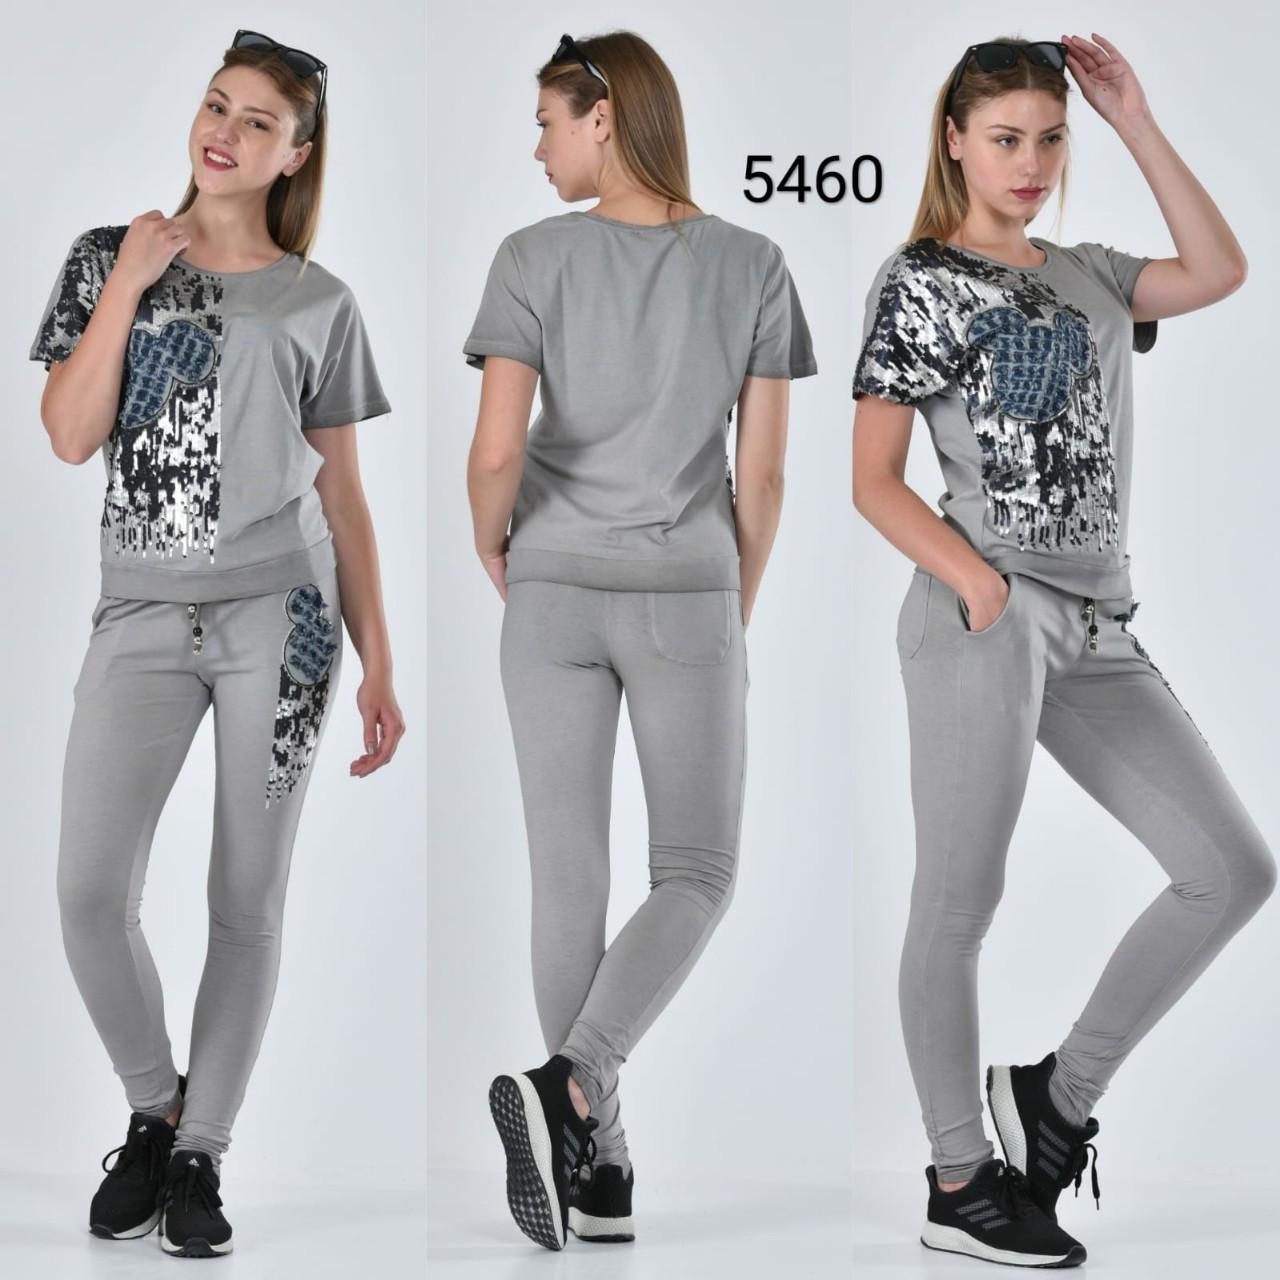 Спортивный костюм женский с пайетками 5460